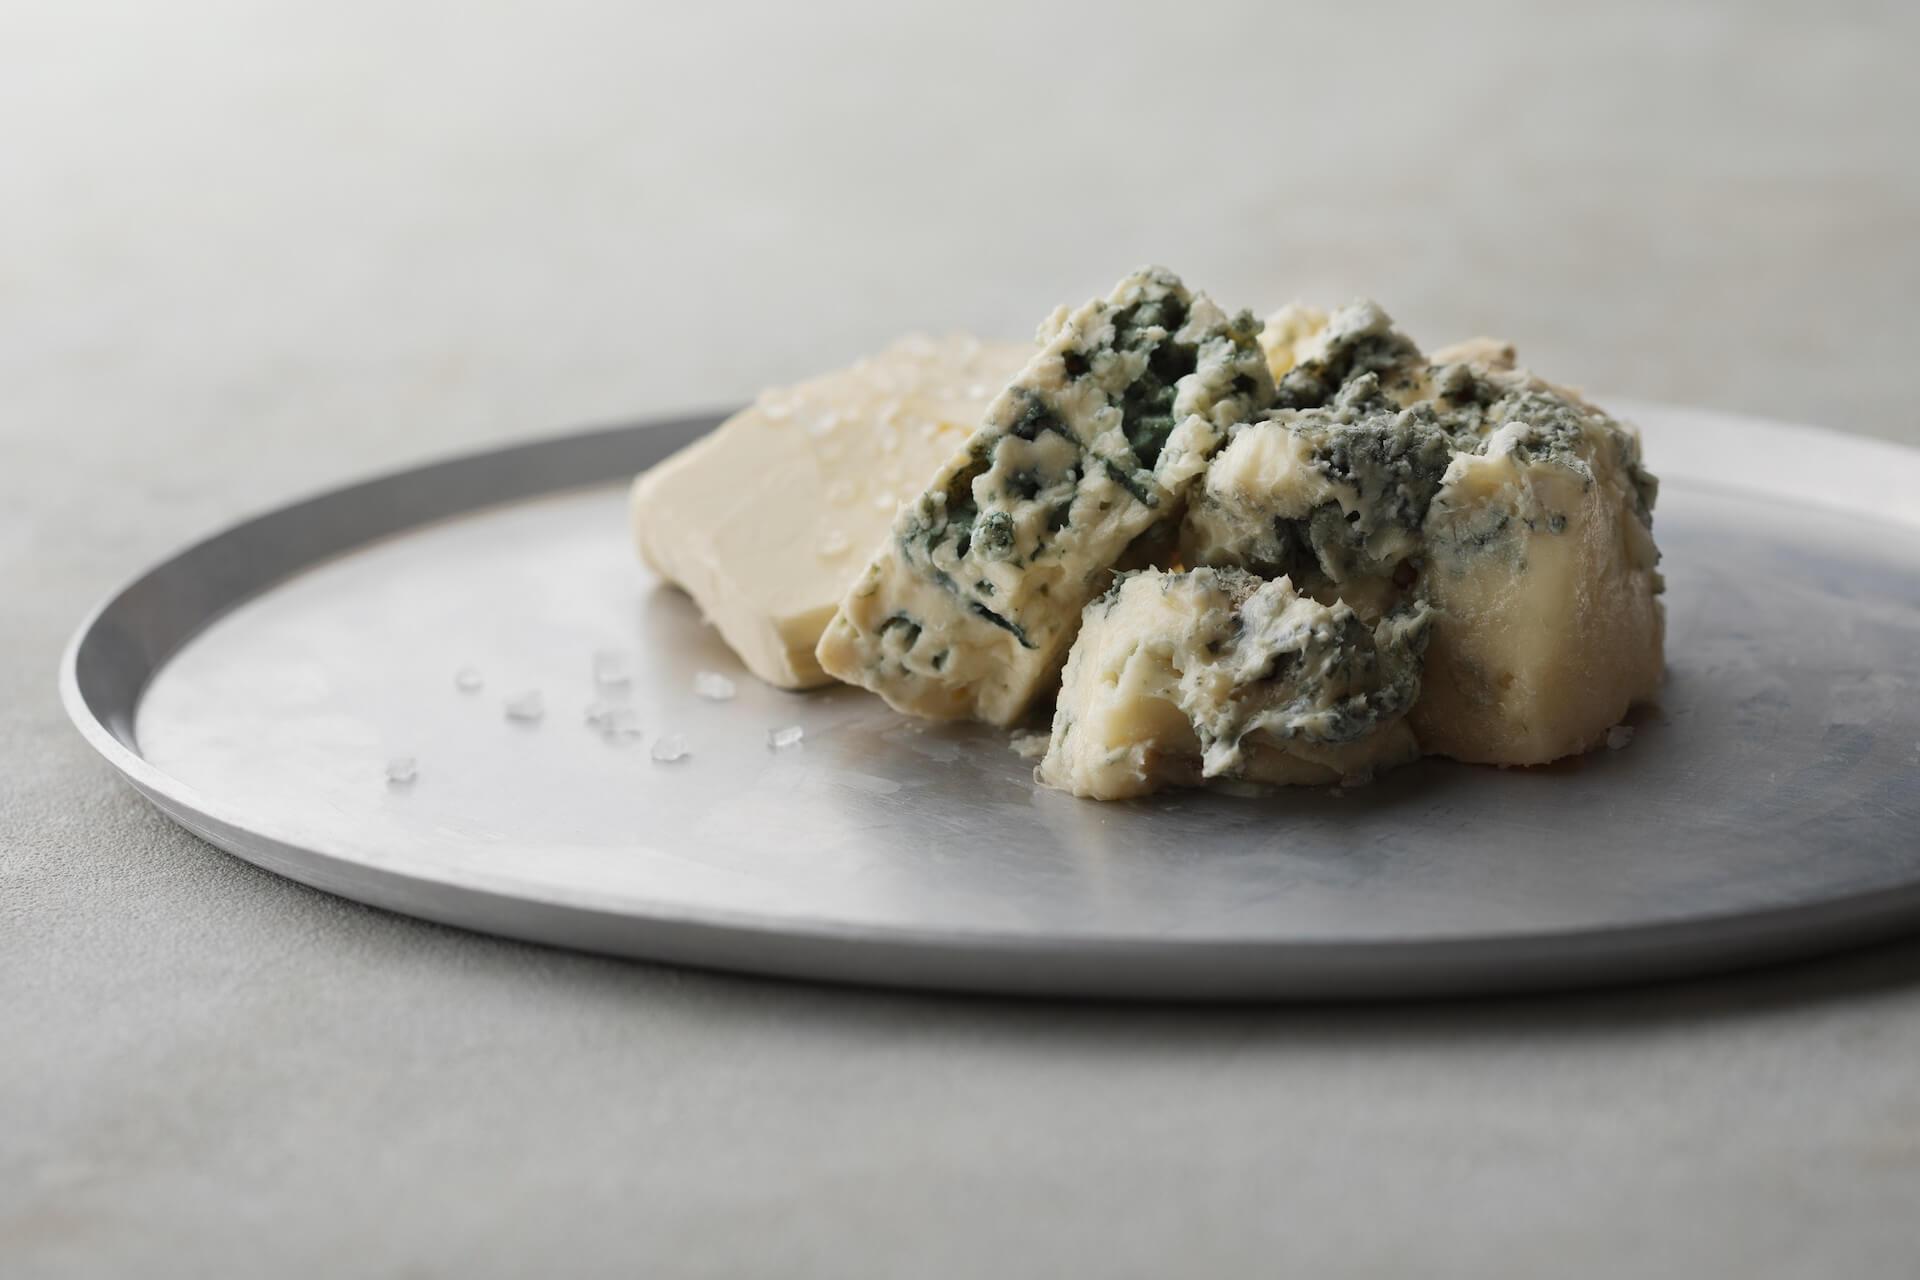 連日30分で完売の生ブルーチーズケーキ青が期間限定でルミネエスト新宿にオープン!芳香な香りのとろける生食感 gourmet200804_bluecheesecake_04